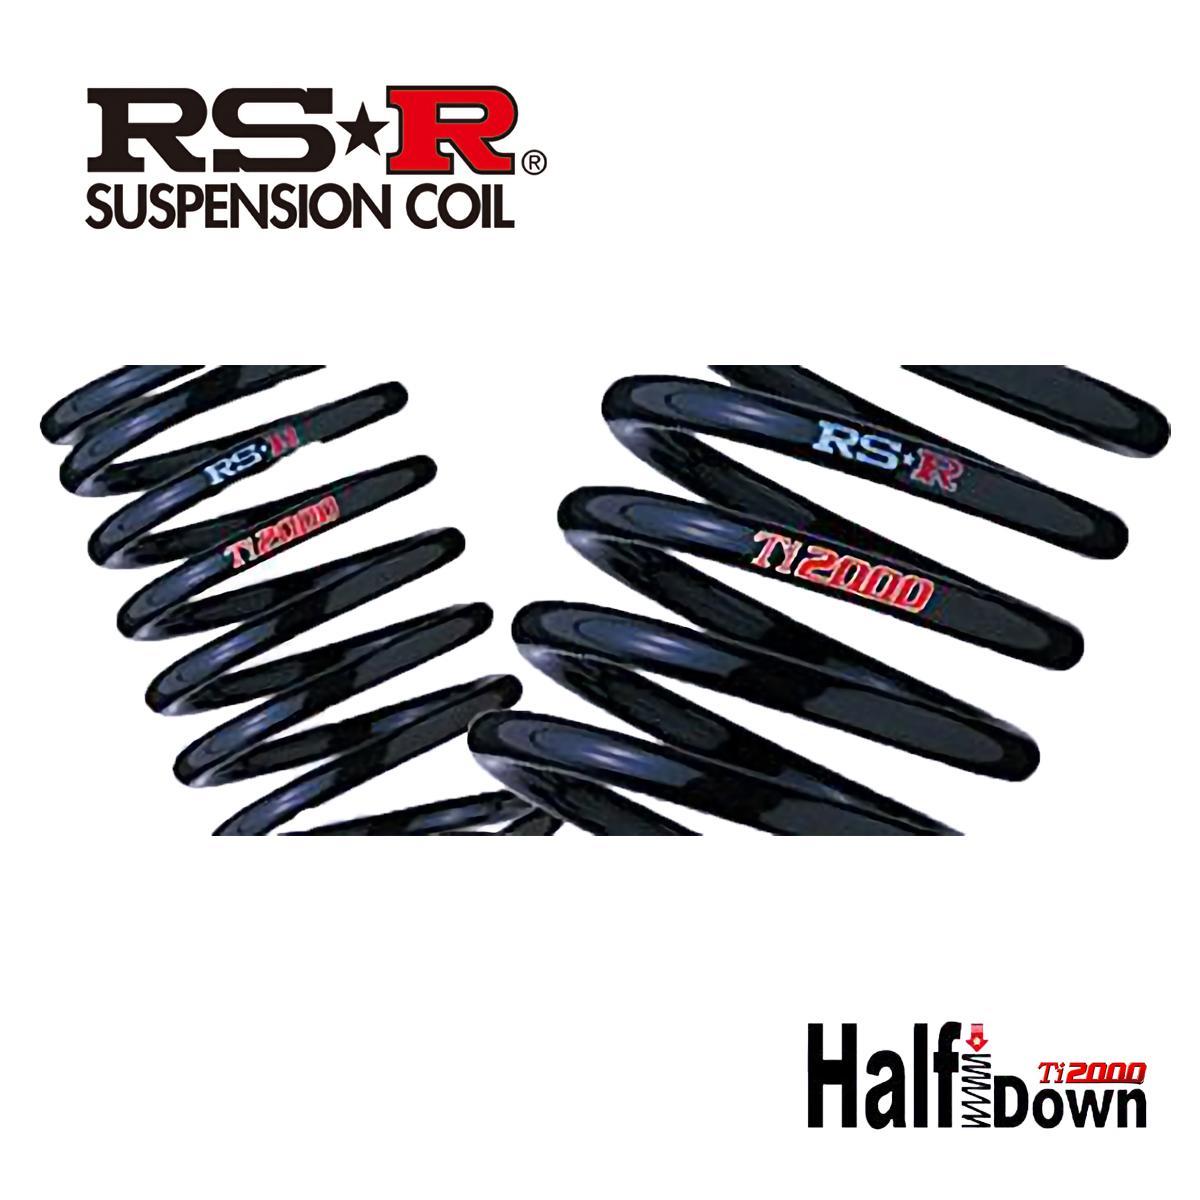 RS-R ワゴンRスティングレー ハイブリッドX MH55S ダウンサス スプリング 1台分 S174THD Ti2000 ハーフダウン RSR 個人宅発送追金有